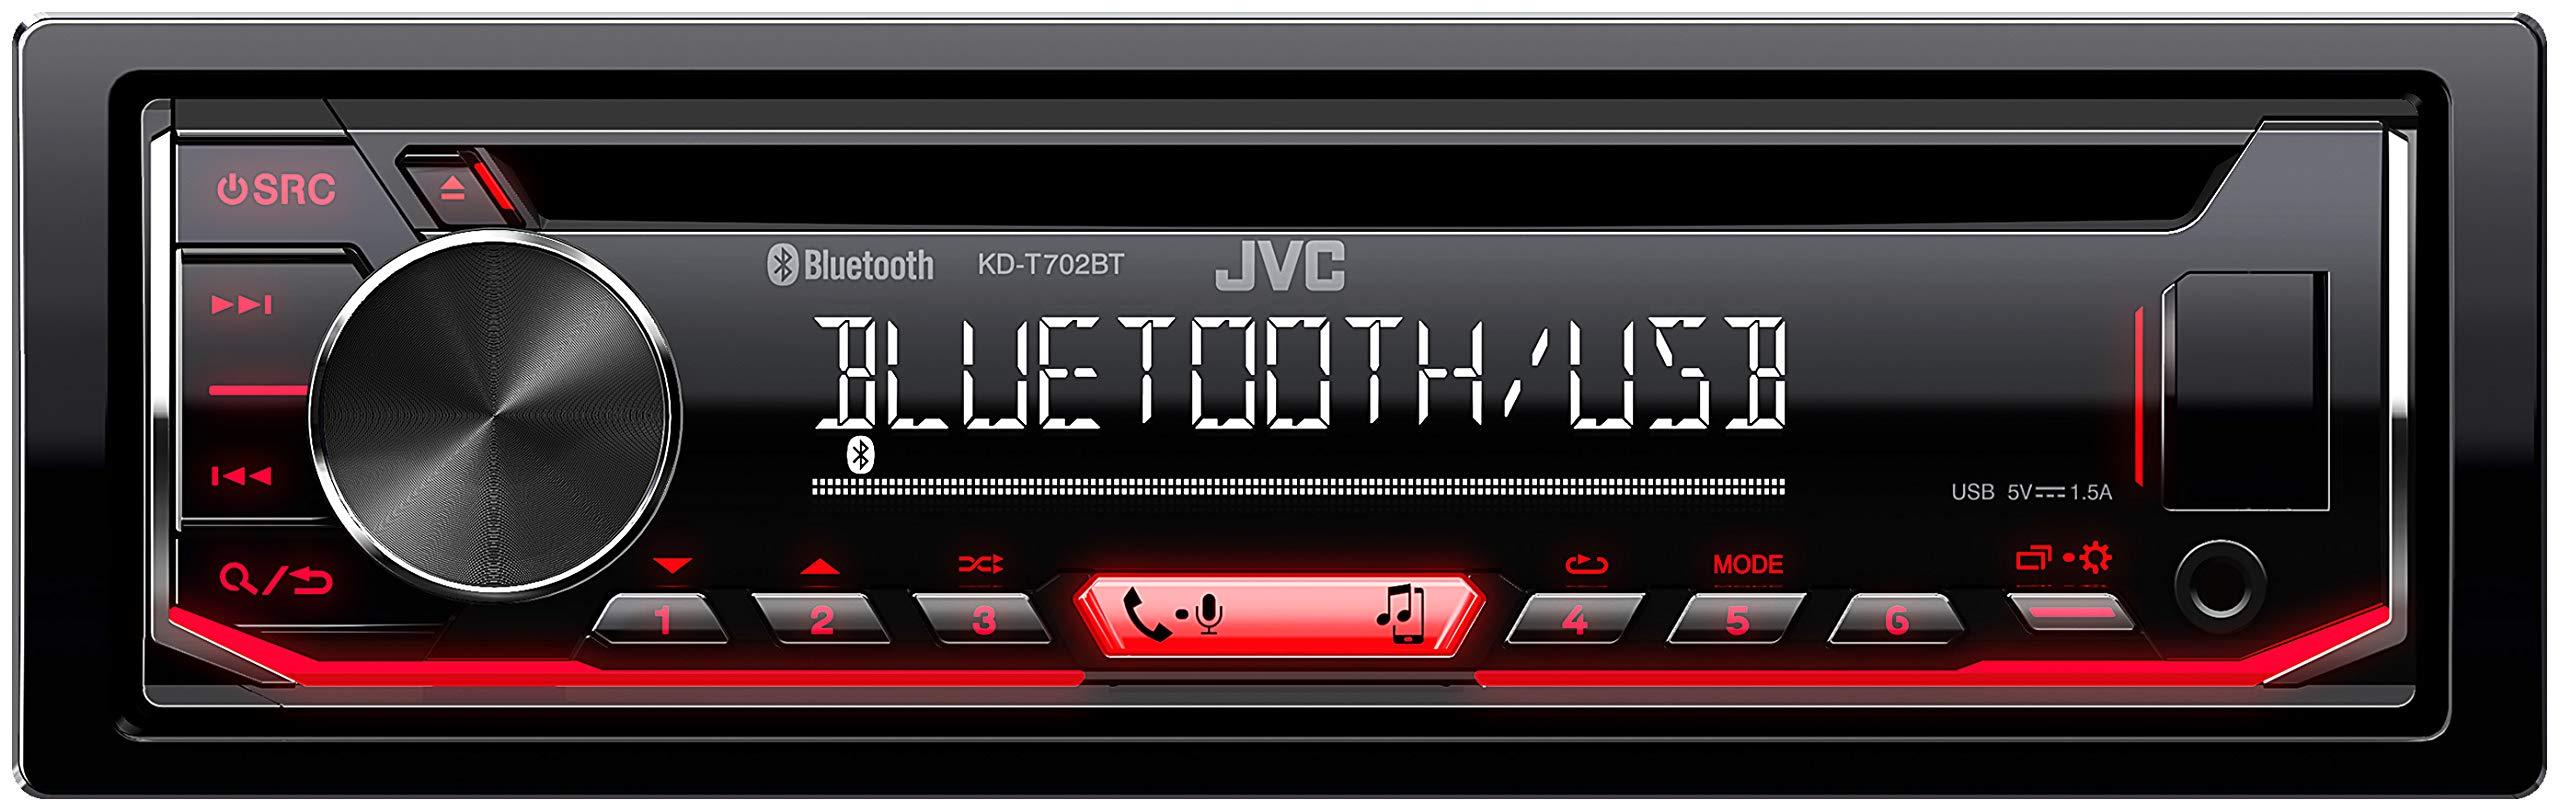 JVC-KD-T702BT-CD-Autoradio-mit-Bluetooth-Freisprecheinrichtung-Hochleistungstuner-Soundprozessor-USB-Android-Spotify-Control-4×50-Watt-RotSchwarz